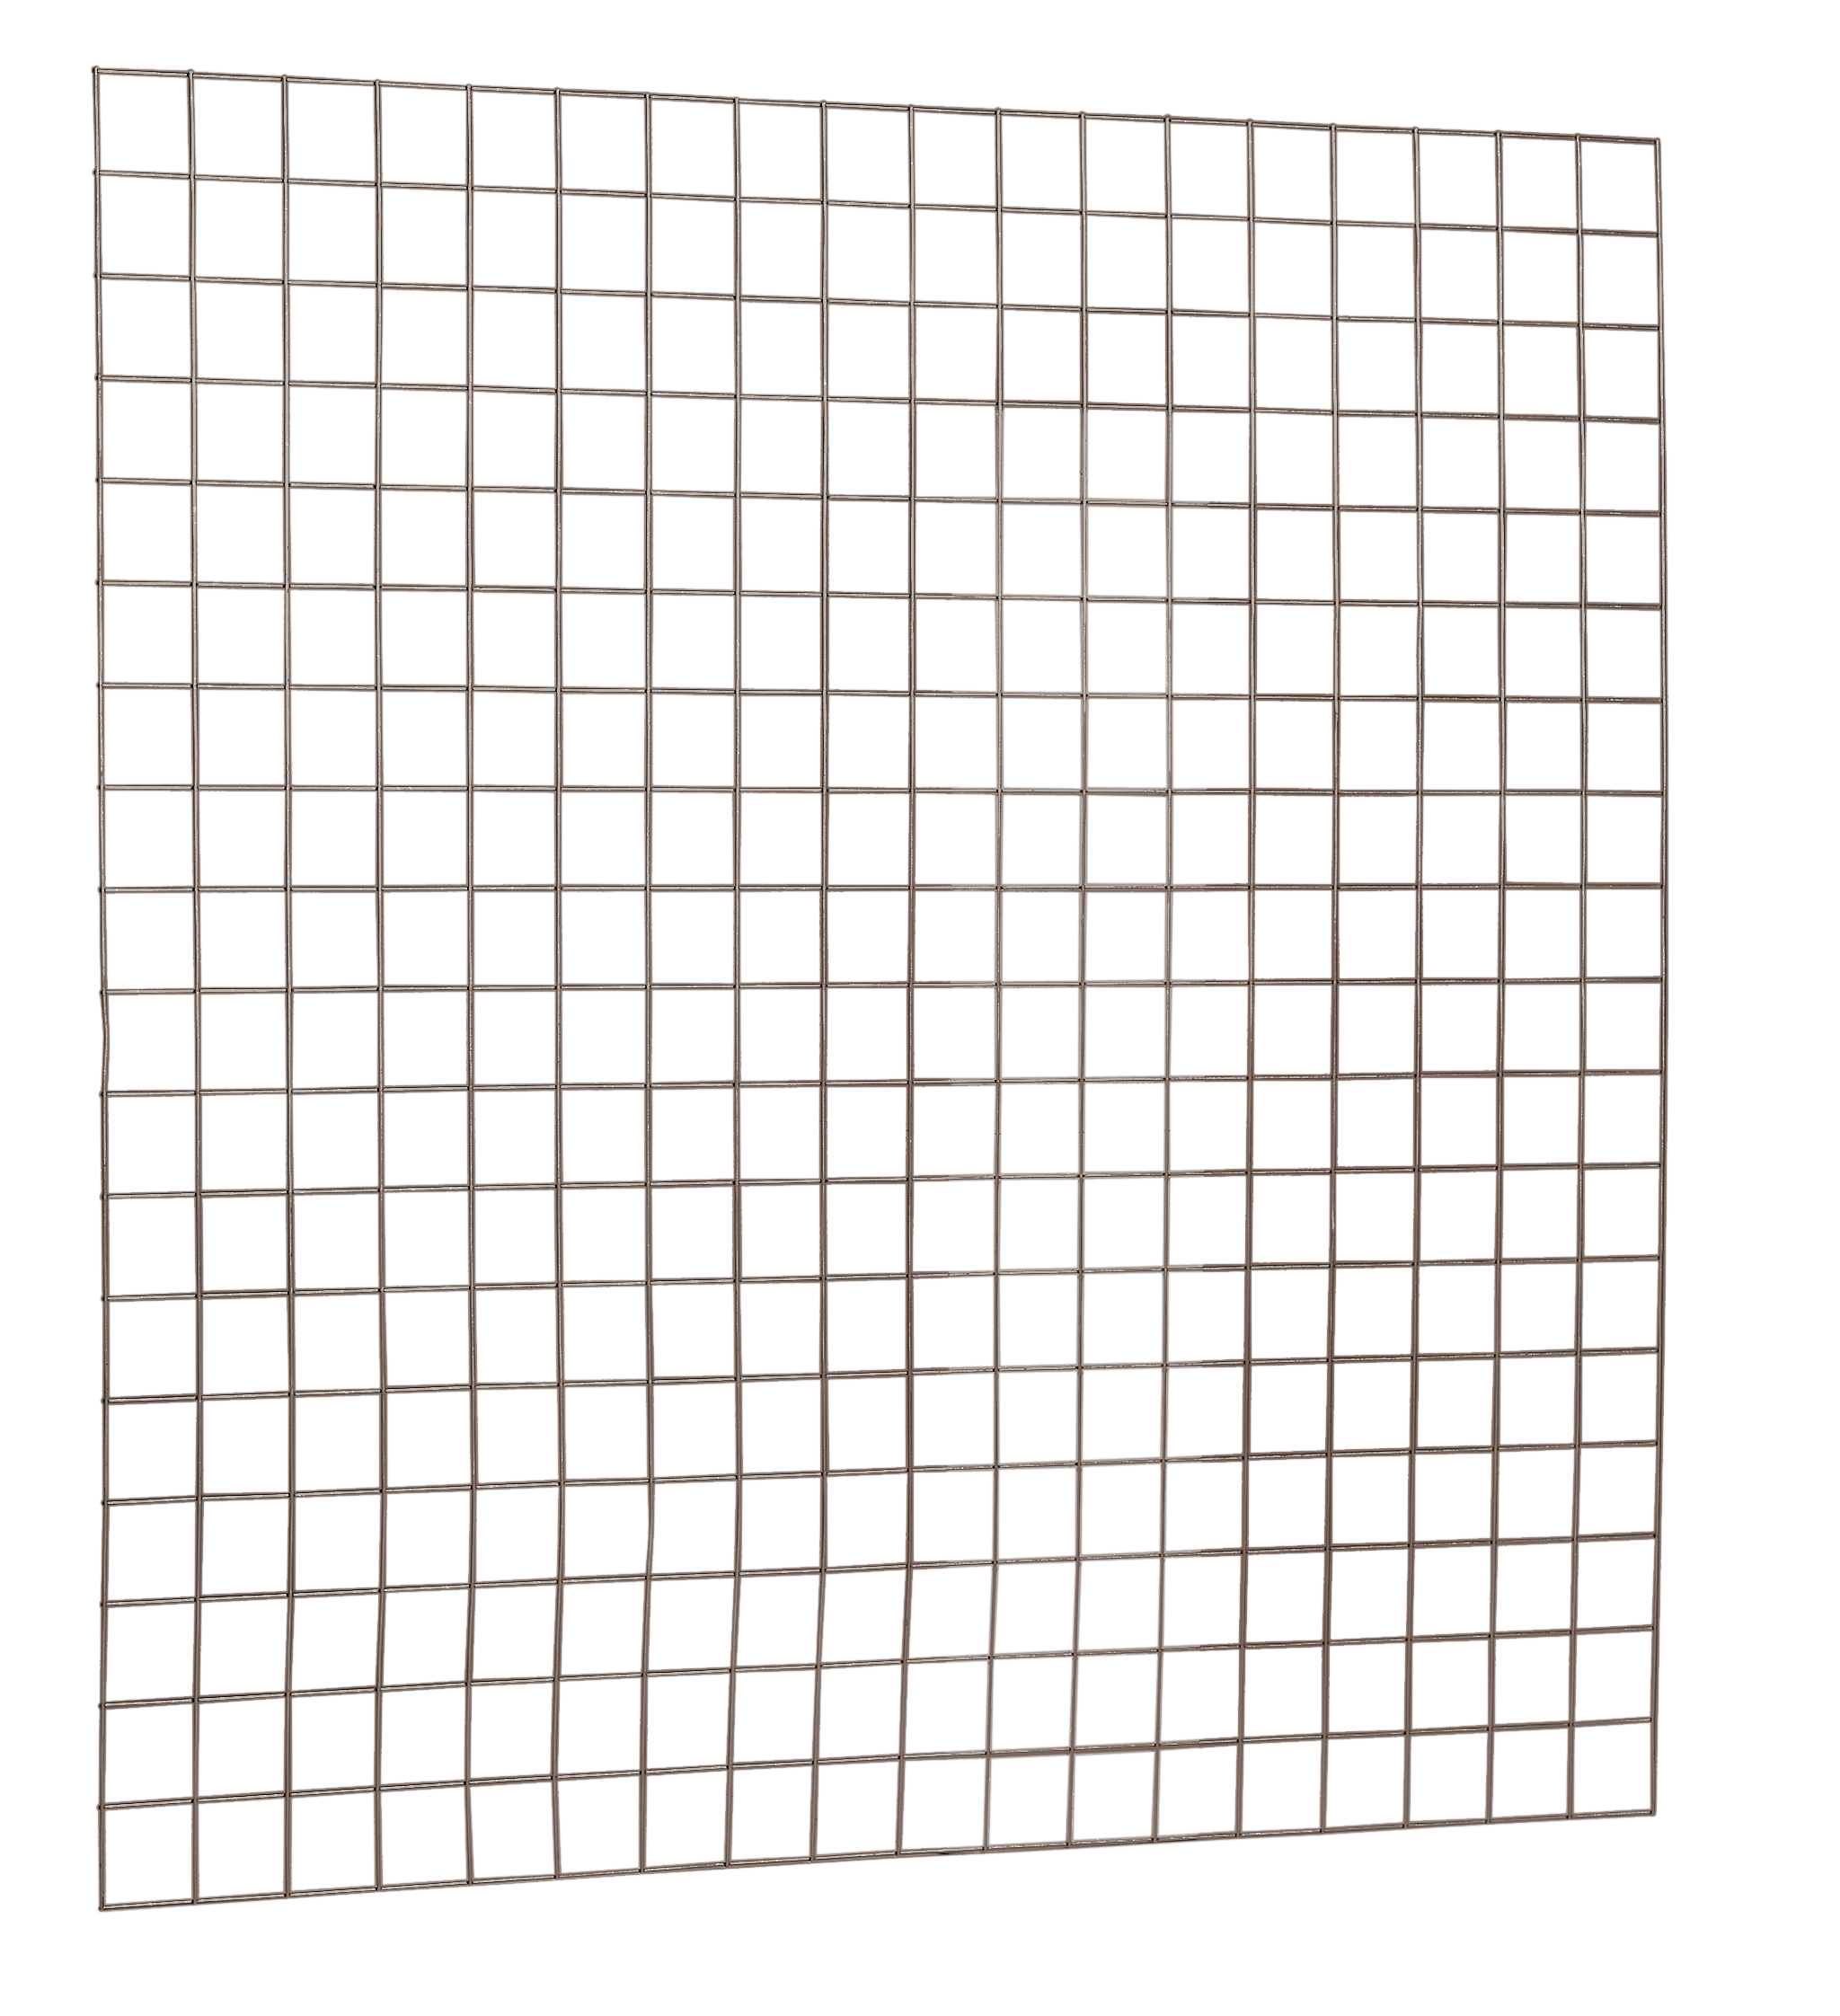 Gaaspaneel | 80 x 170 cm | Maas 10 cm | Zwart